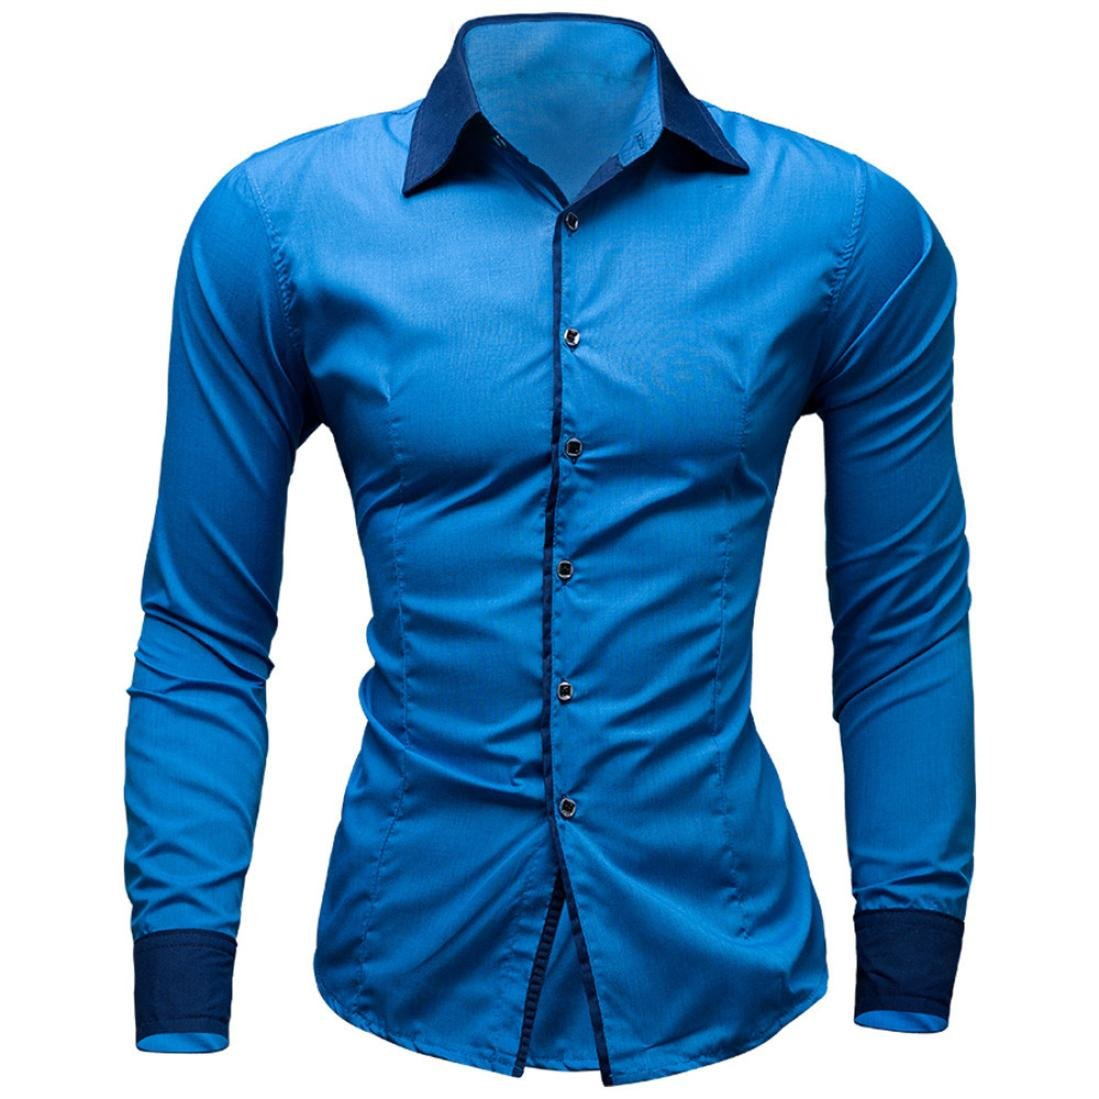 e9639415d Hombre Camisas Moda Manga Larga de Color Puro para Hombre Men Fashion Slim  Fit Casual Long Sleeves Shirts 2028  Amazon.es  Ropa y accesorios